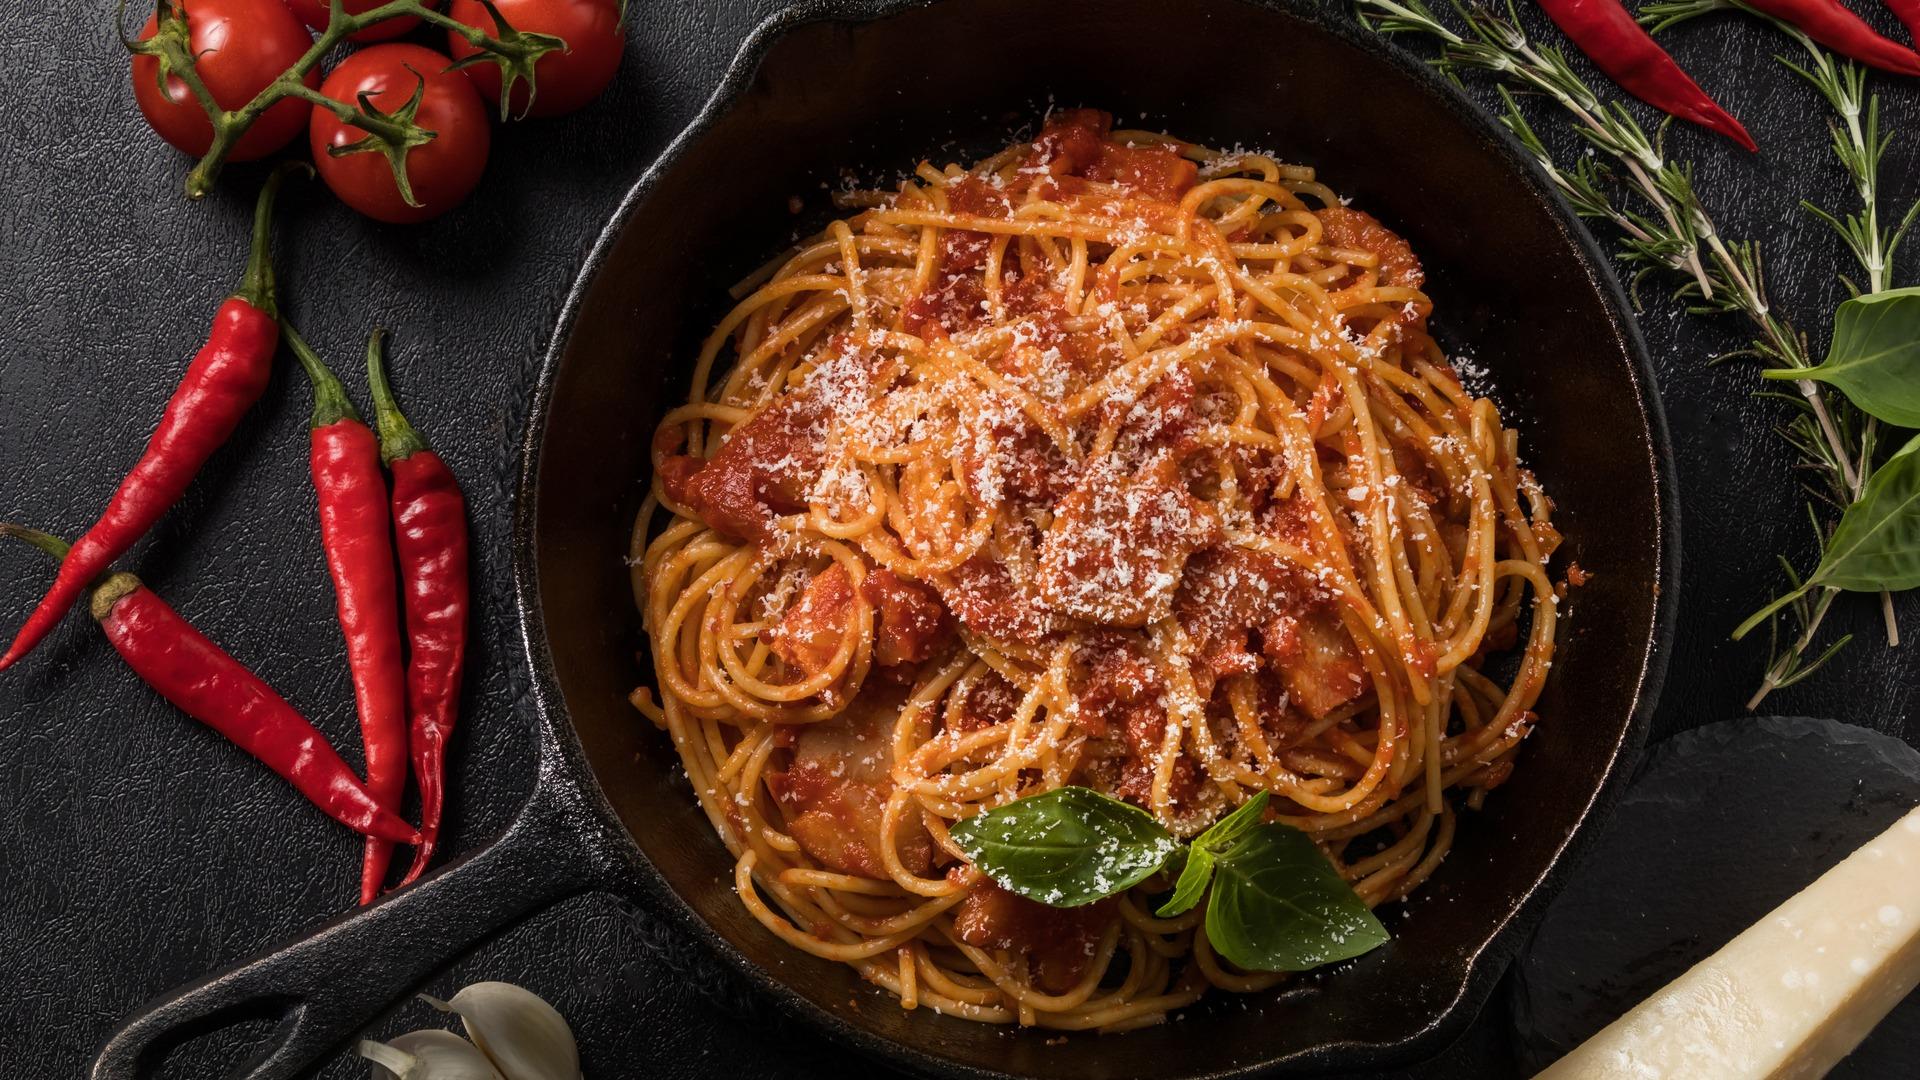 Ricetta Amatriciana Con Cipolla.Amatriciana La Ricetta Perfetta Del Famoso Piatto Laziale